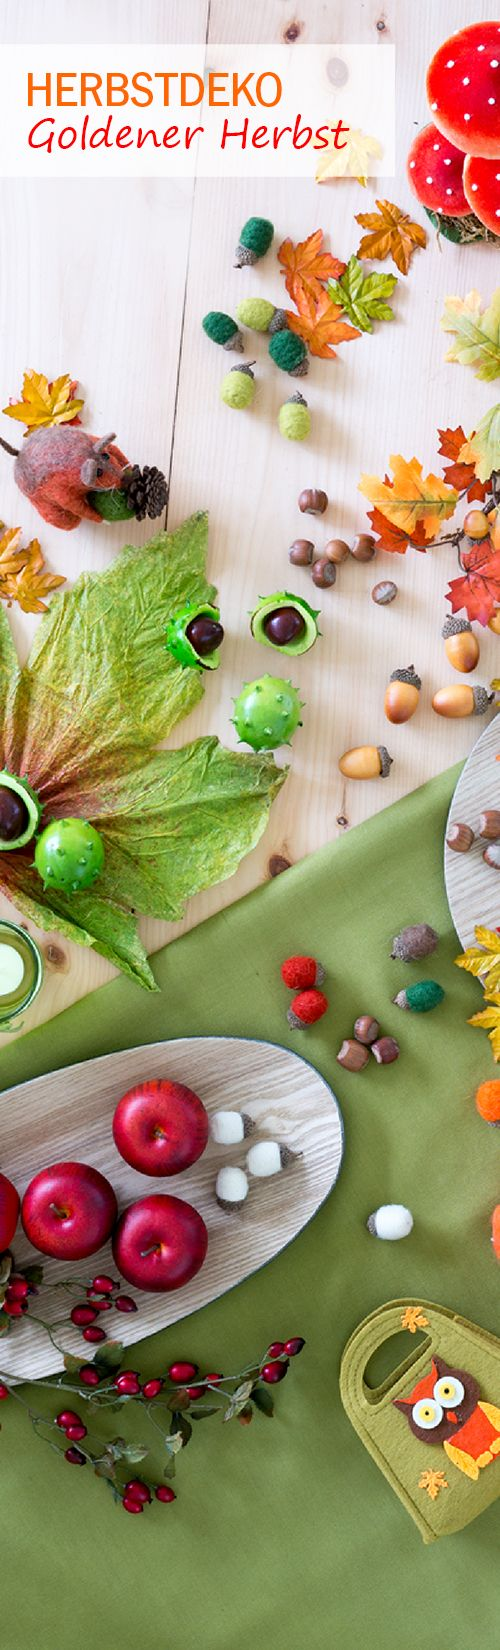 Der Herbst – die Jahreszeit der Besinnlichkeit, in der sich wieder mehr Stunden zu Hause abspielen. Gestalten Sie dafür Ihr Heim mit sinnlicher #Herbstdeko, die für Gemütlichkeit sorgt. #goldenerherbst #warme #farben